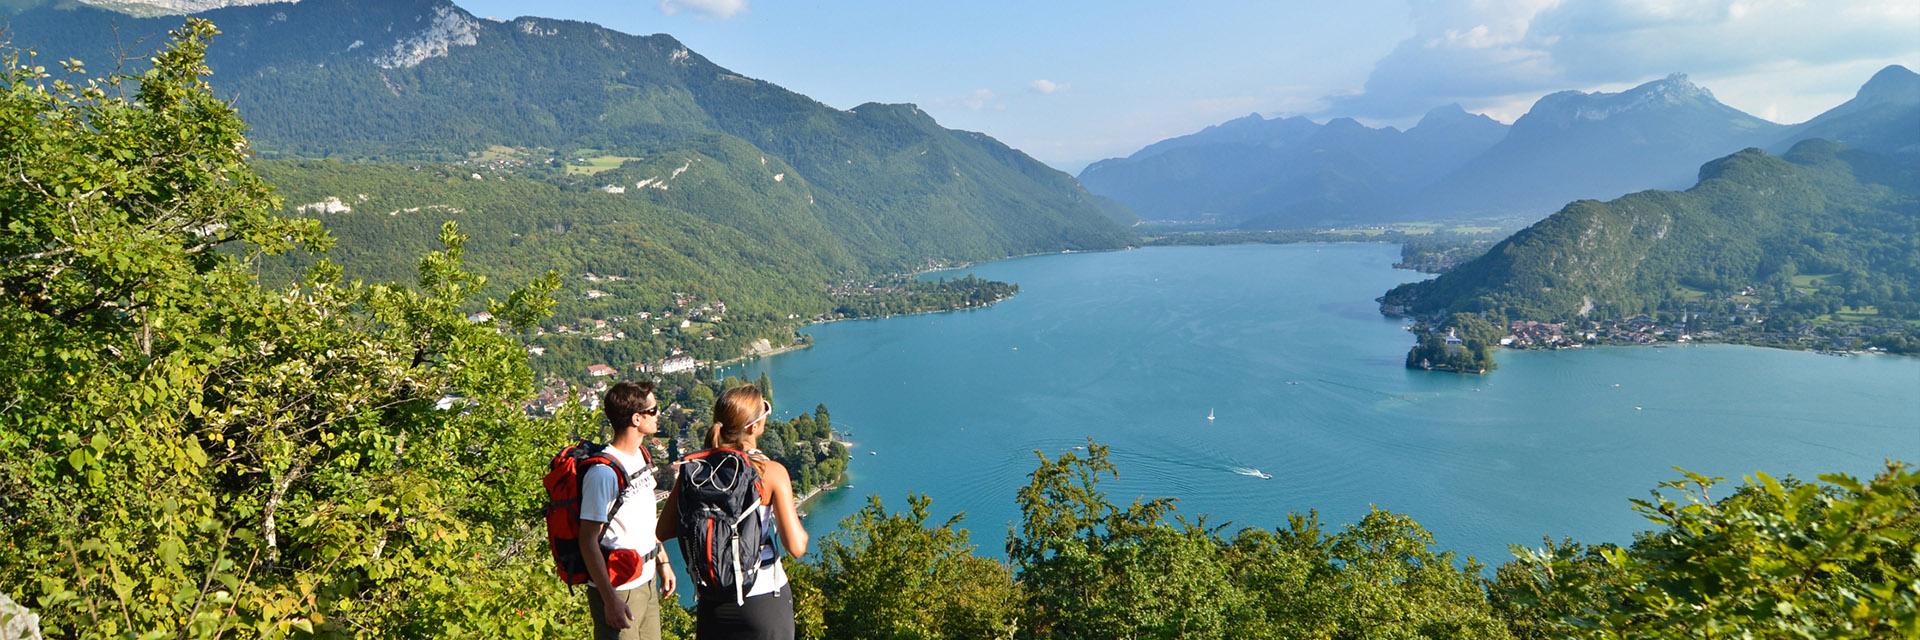 Village_club_vacances_haute-savoie_balcons-du-lac-d-annecy-lac-Annecy-rando